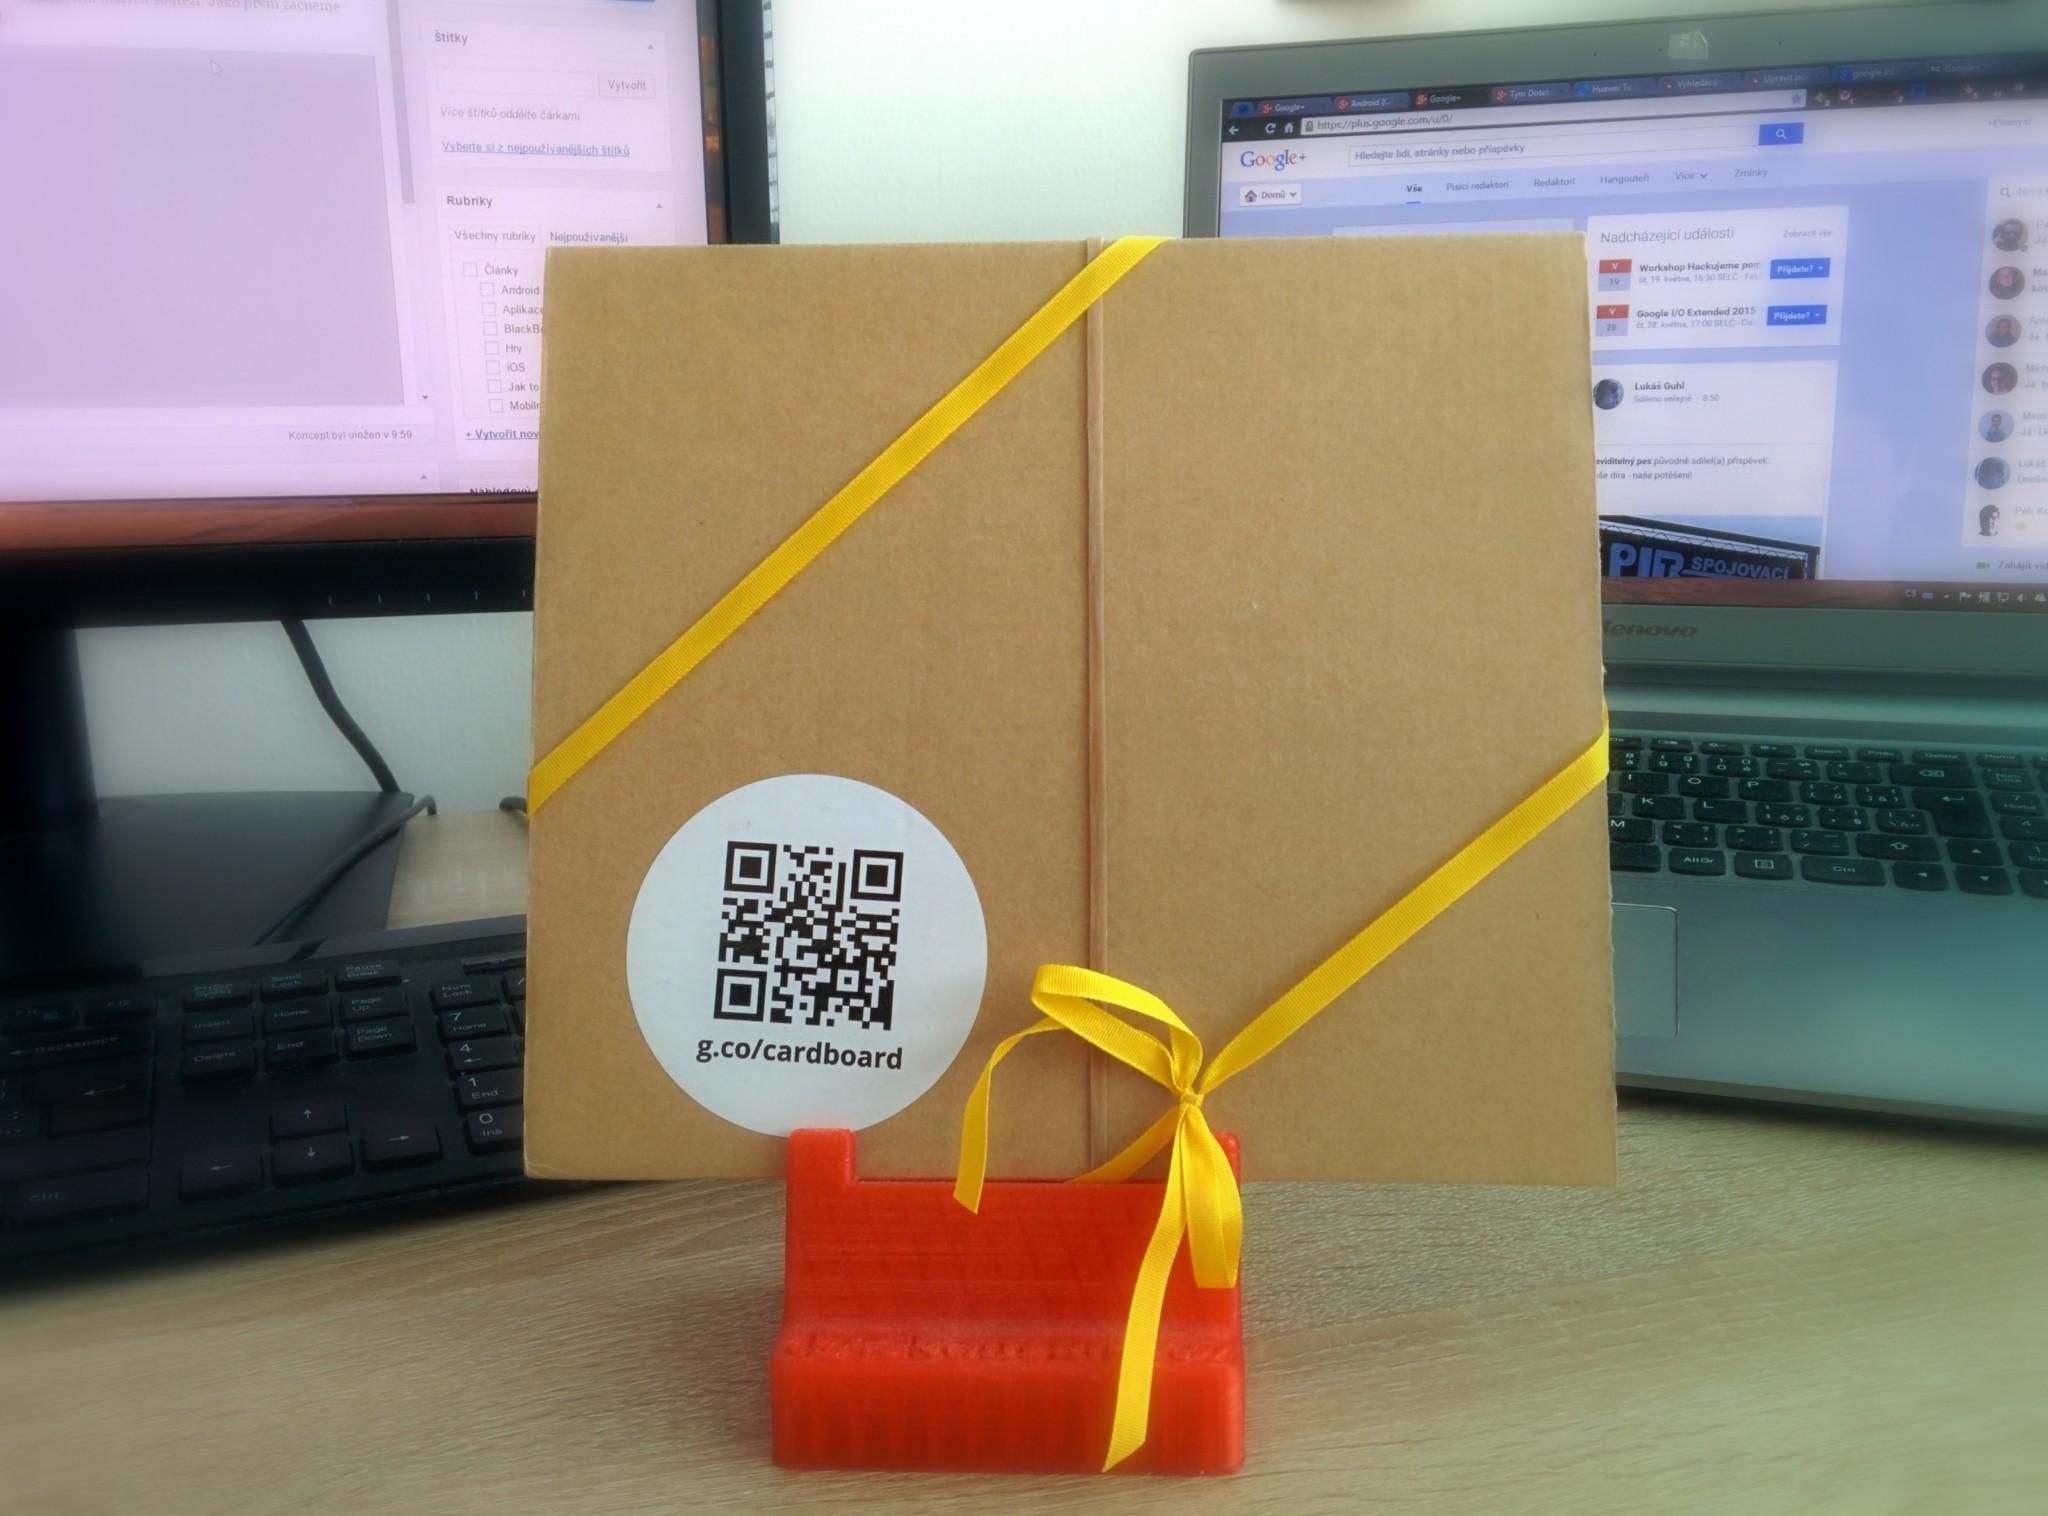 Rychlá soutěž o Google Cardboard